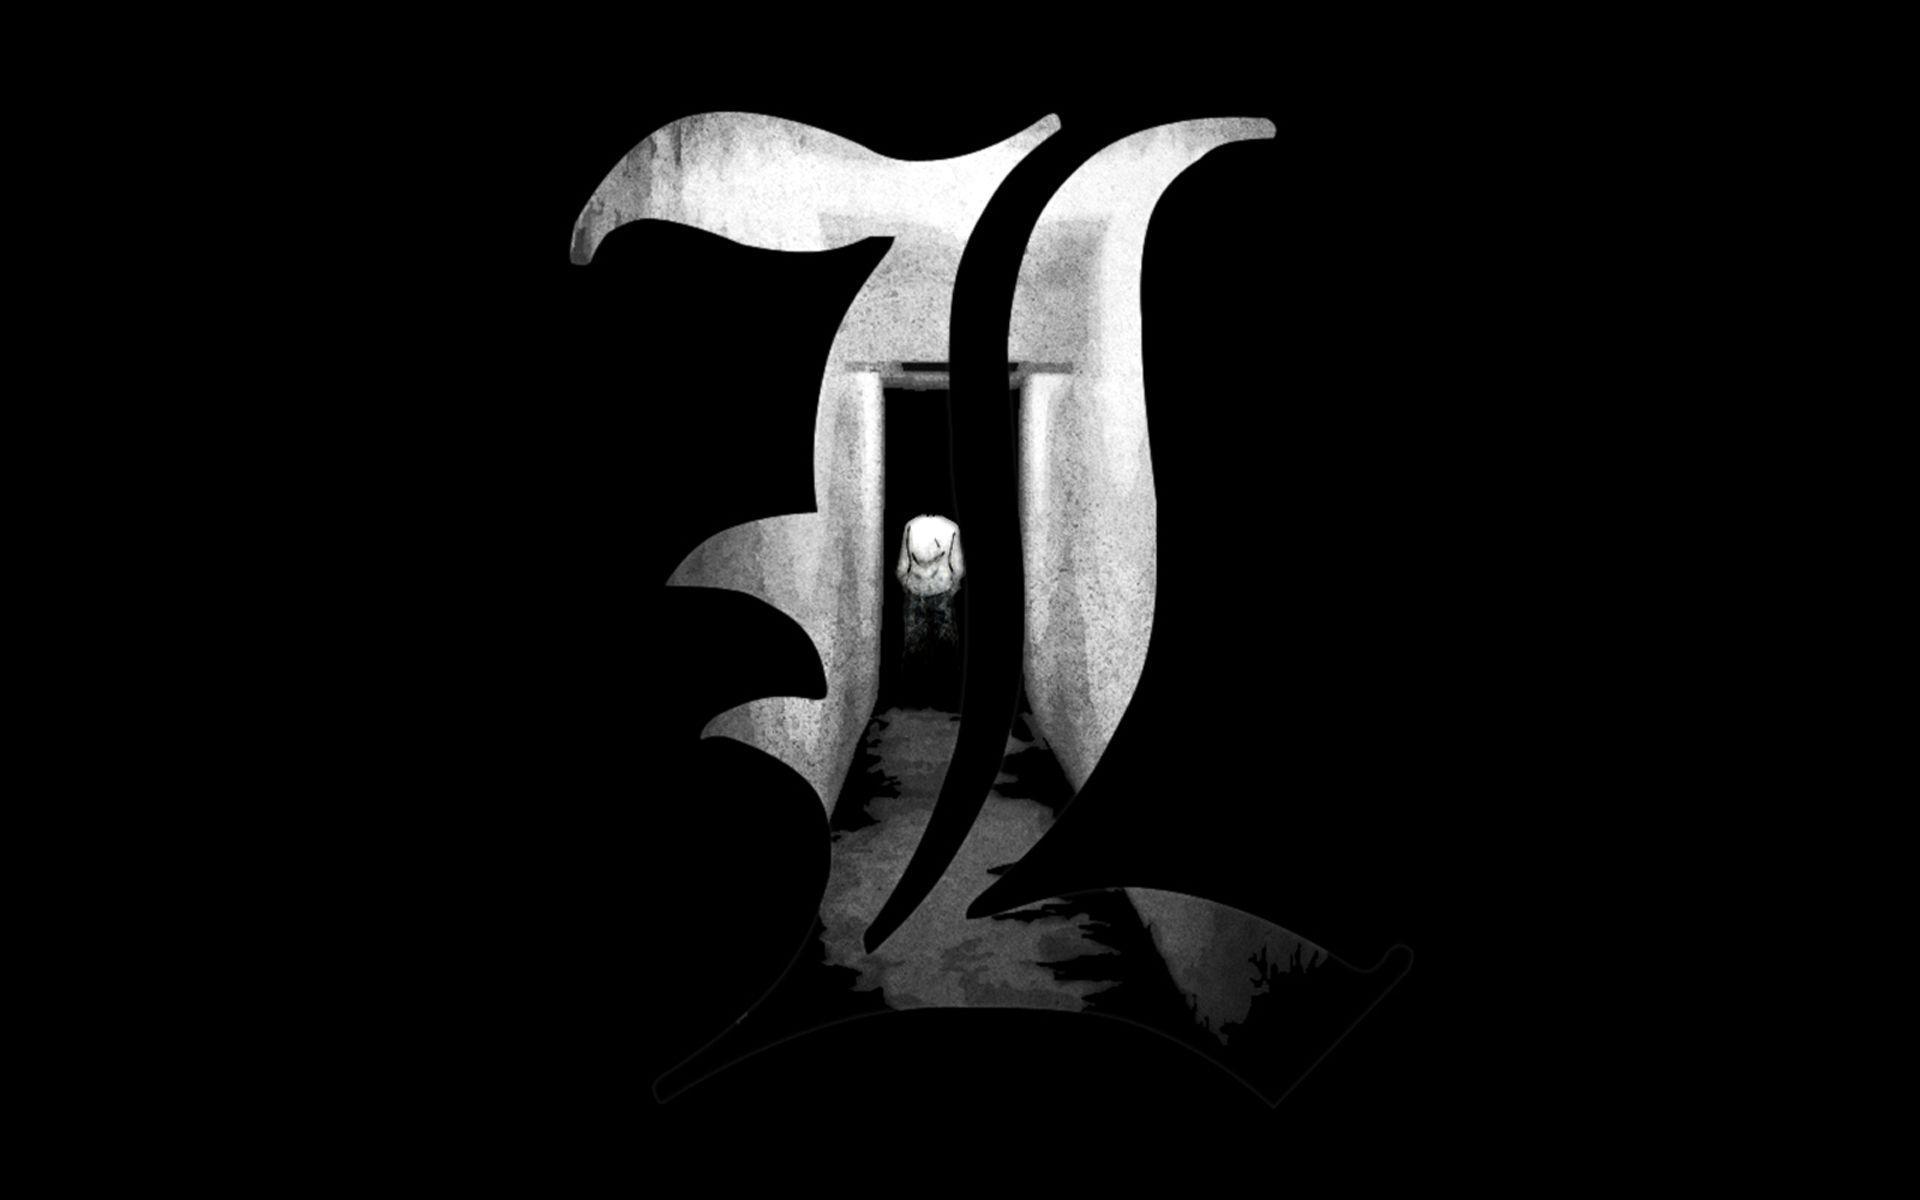 Hình nền và hình nền HD 1920x1200 Death Note